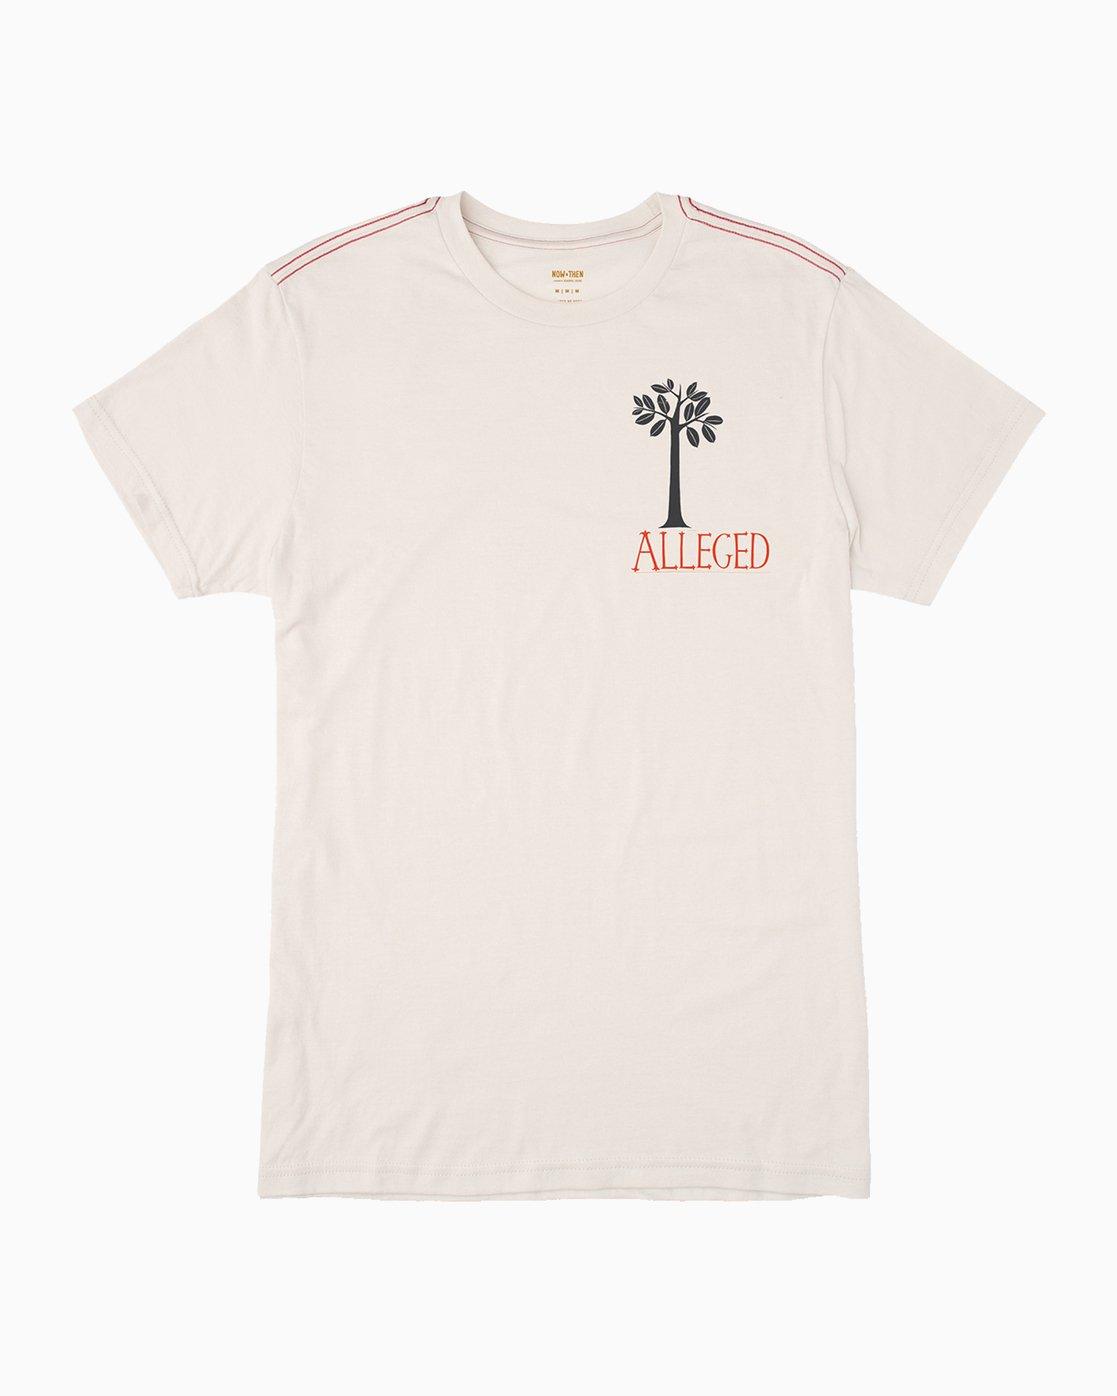 0 Alleged Margaret Tree T-Shirt  M422QRAT RVCA